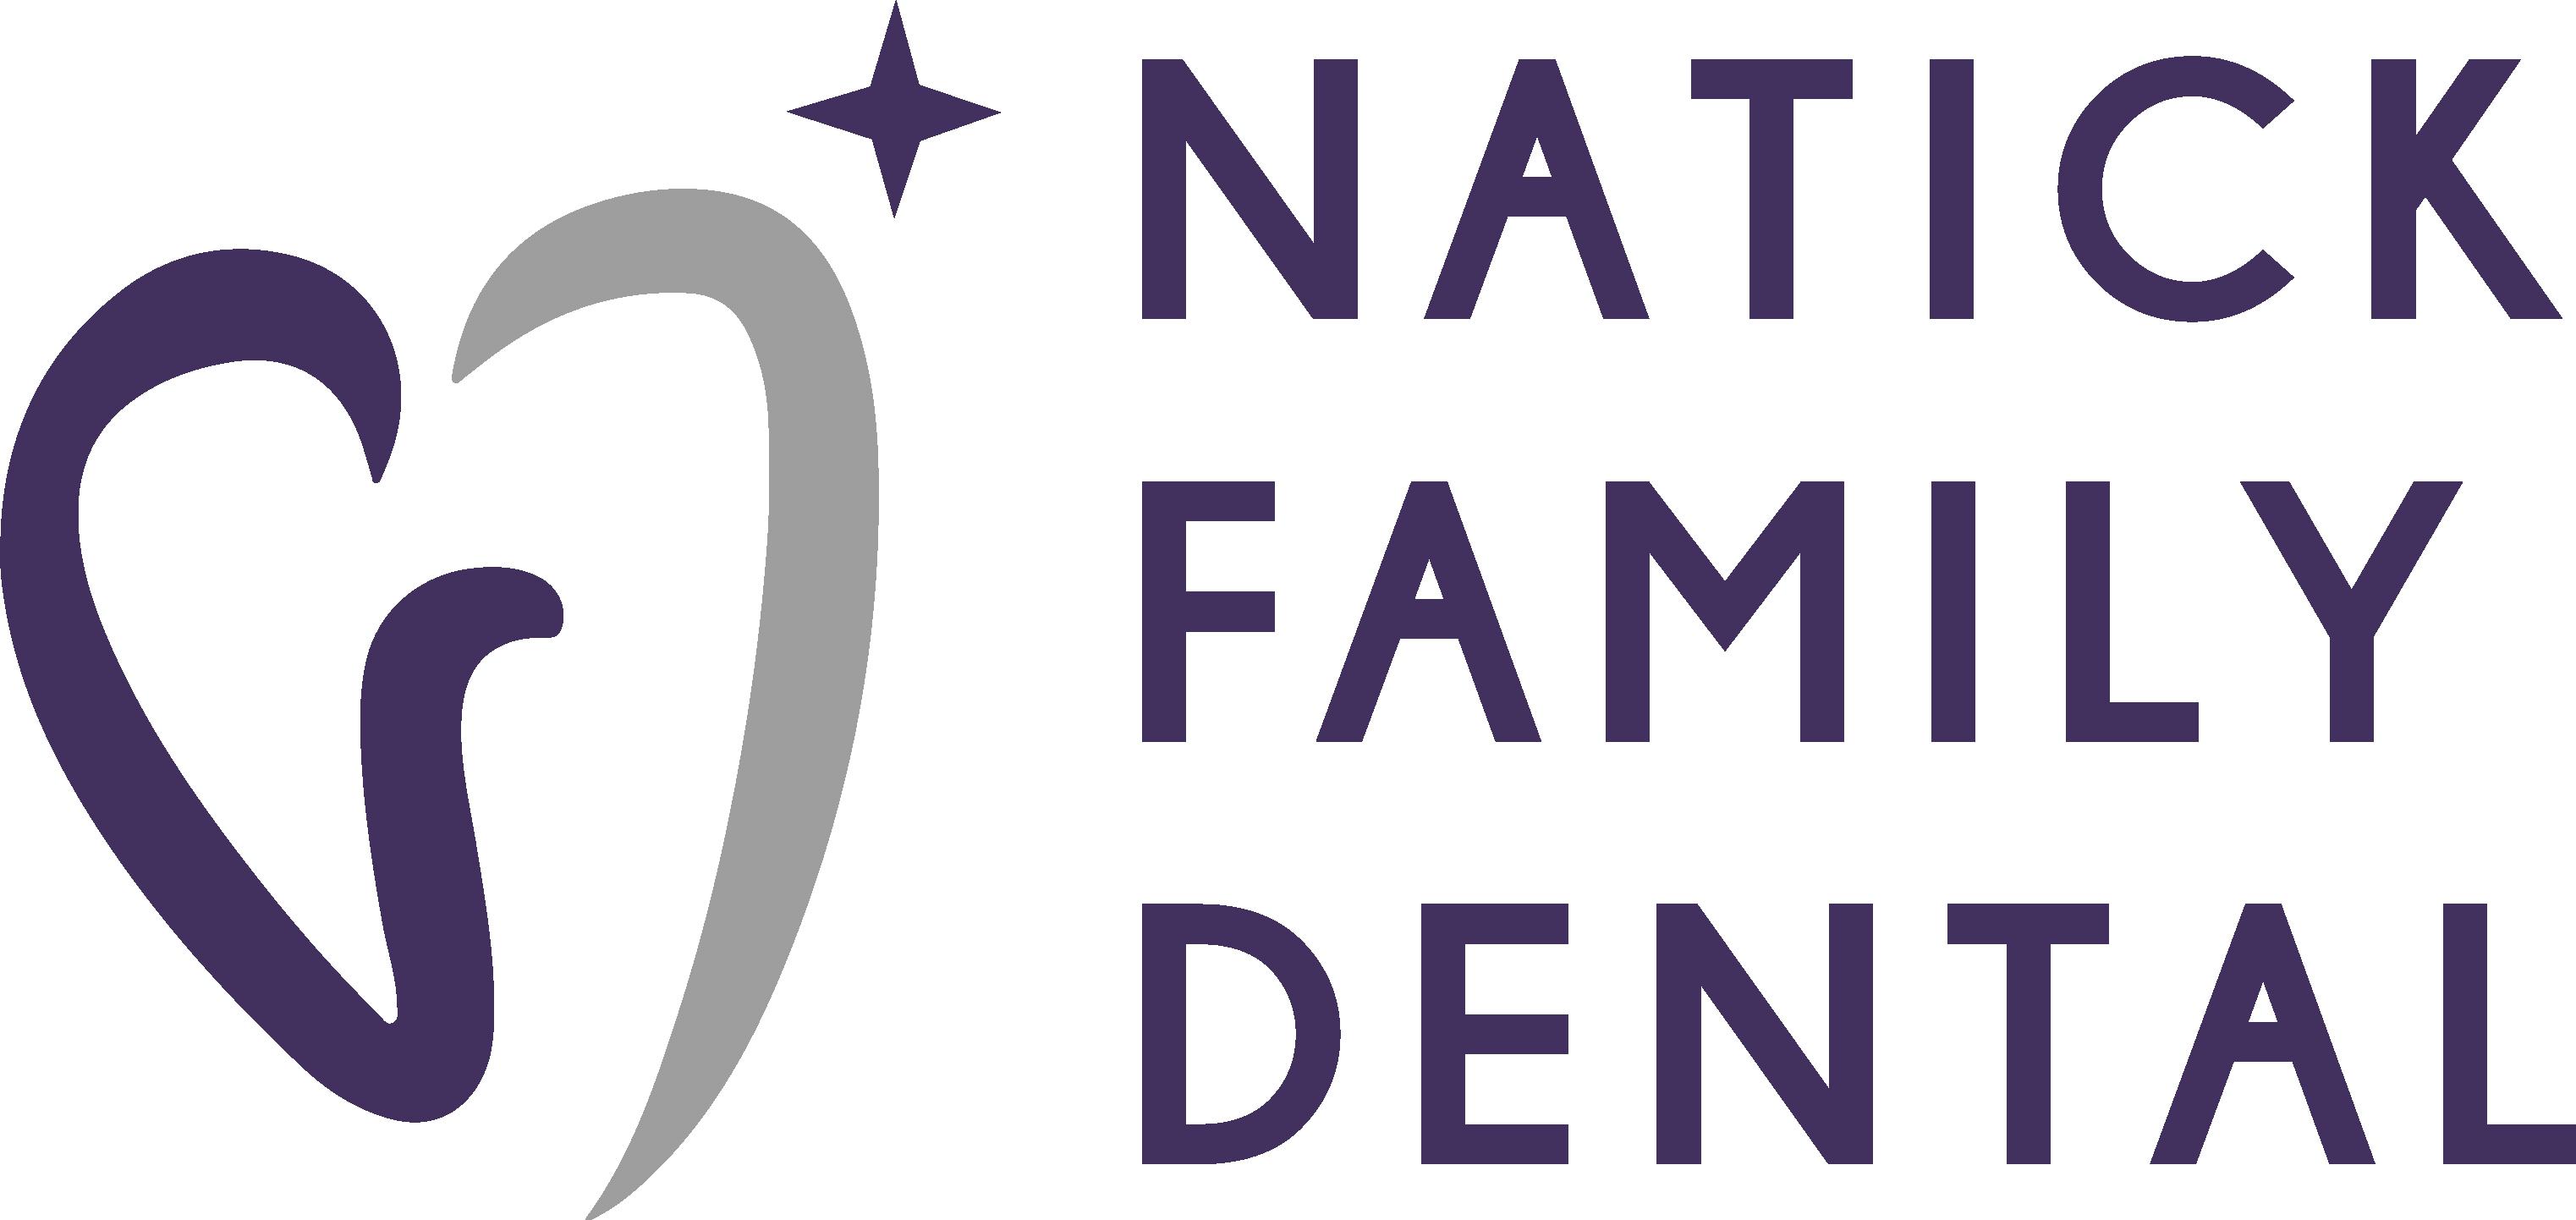 Dr. Rachana Vora, Natick Dentist, Explains the Benefits of Invisalign